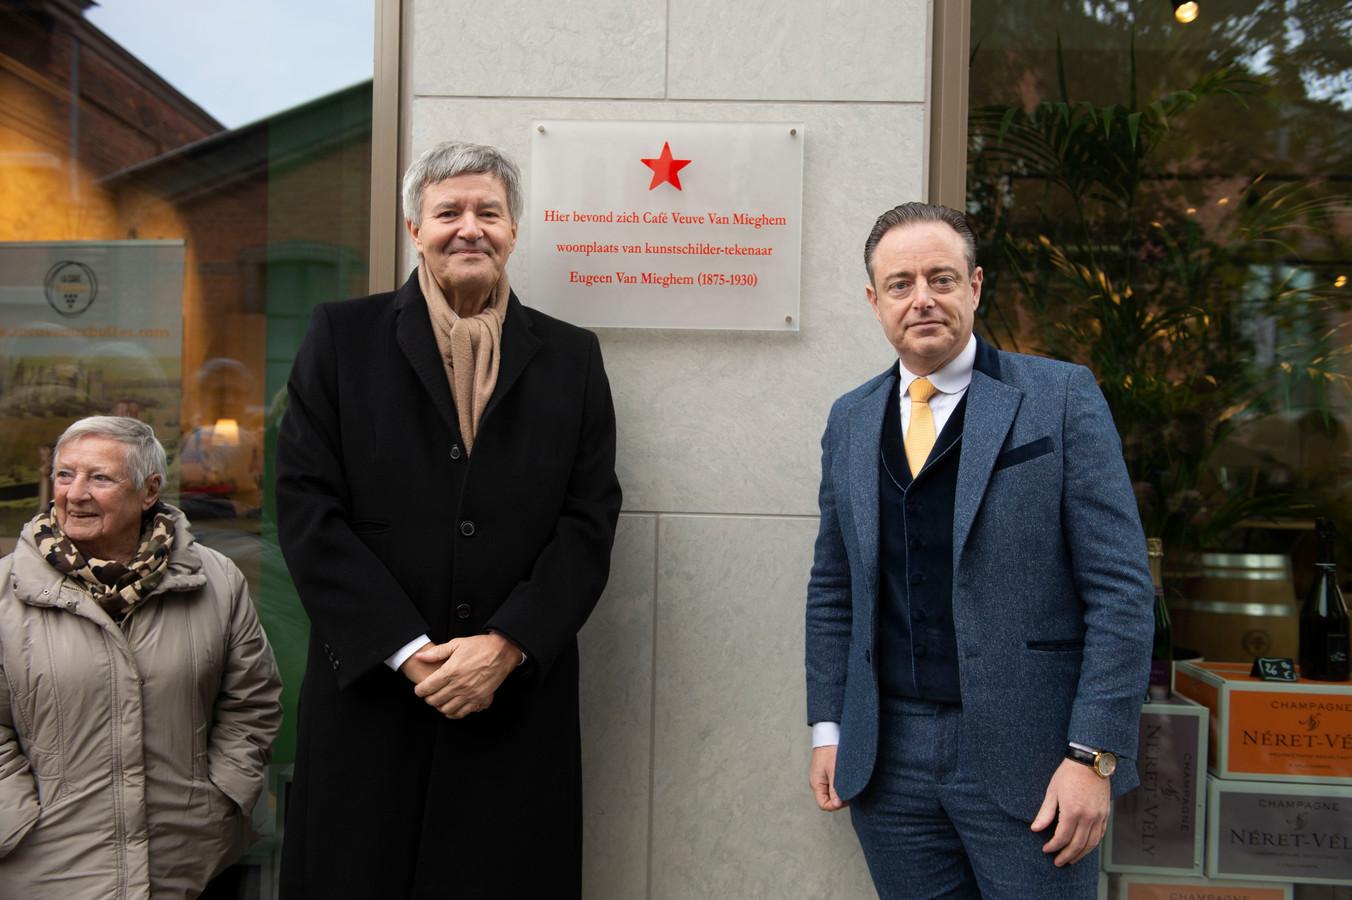 Op het Antwerpse Eilandje heeft burgemeester Bart De Wever (rechts) zaterdag een gedenkplaat onthuld voor kunstenaar Eugeen Van Mieghem (1875-1930). Links: Erwin Joos, curator van het Eugeen Van Mieghemmuseum.